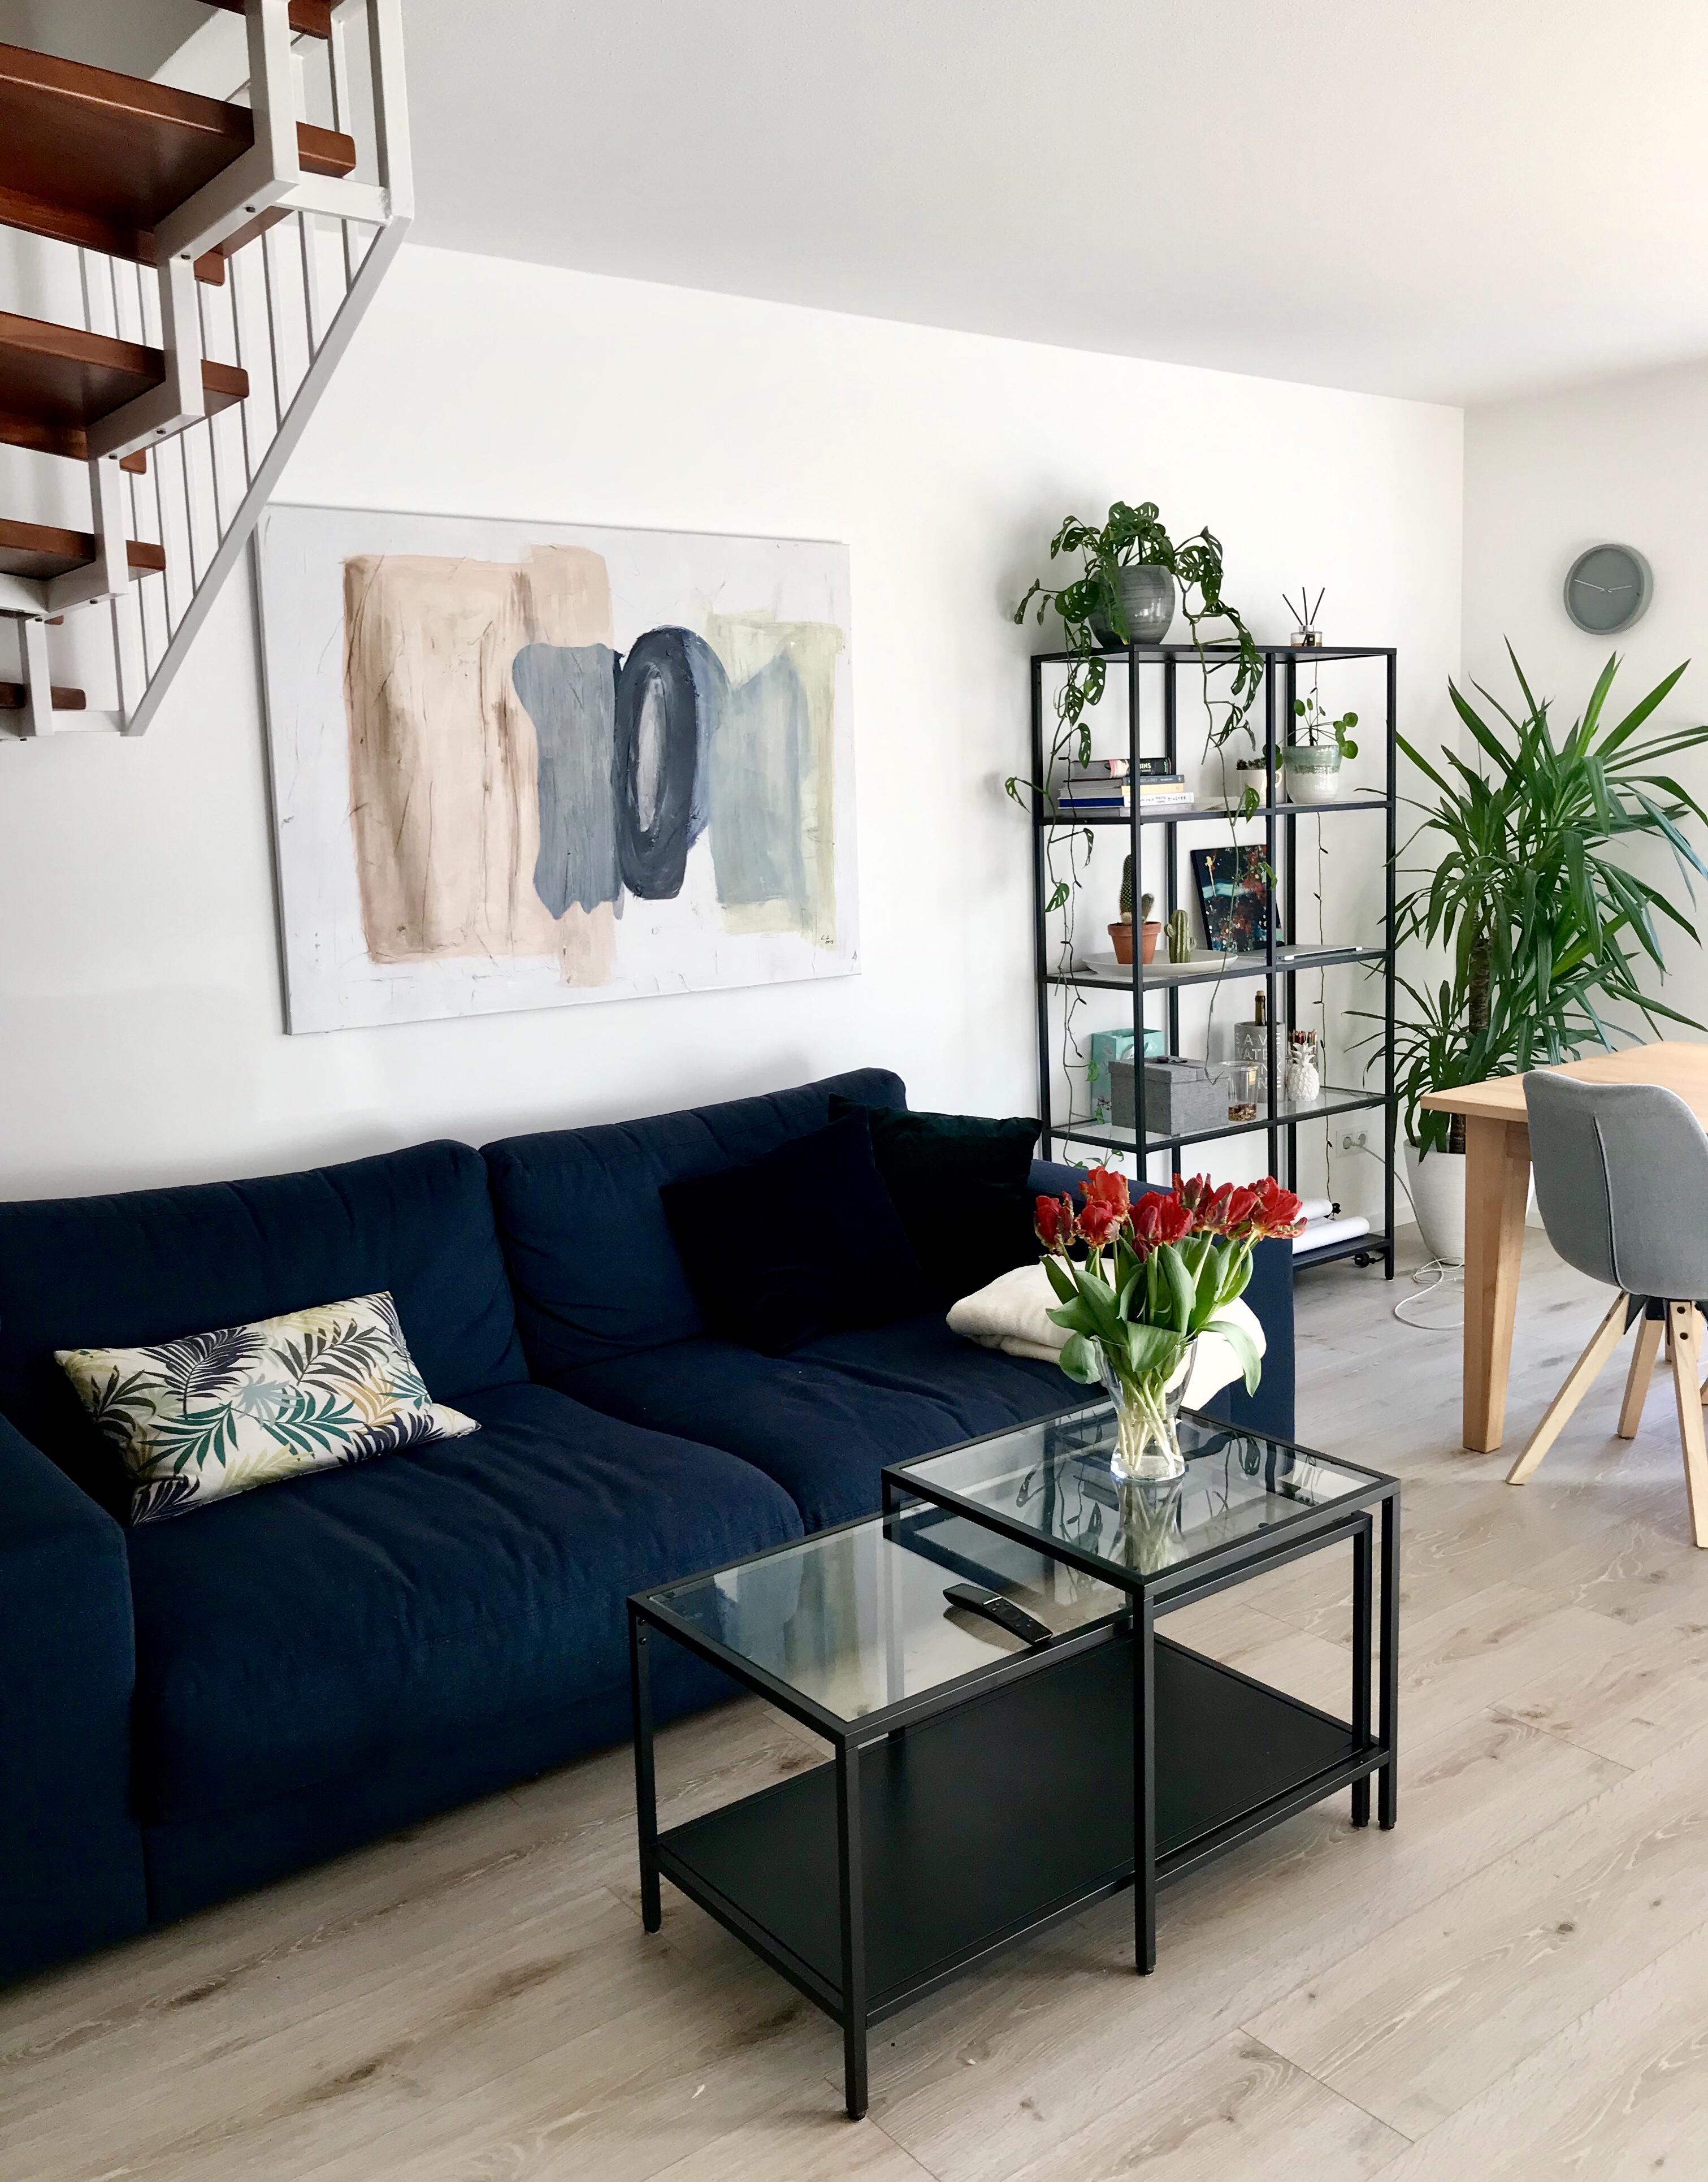 Interiorchen hat keine Angst, ihre Wohnung bunt zu machen.